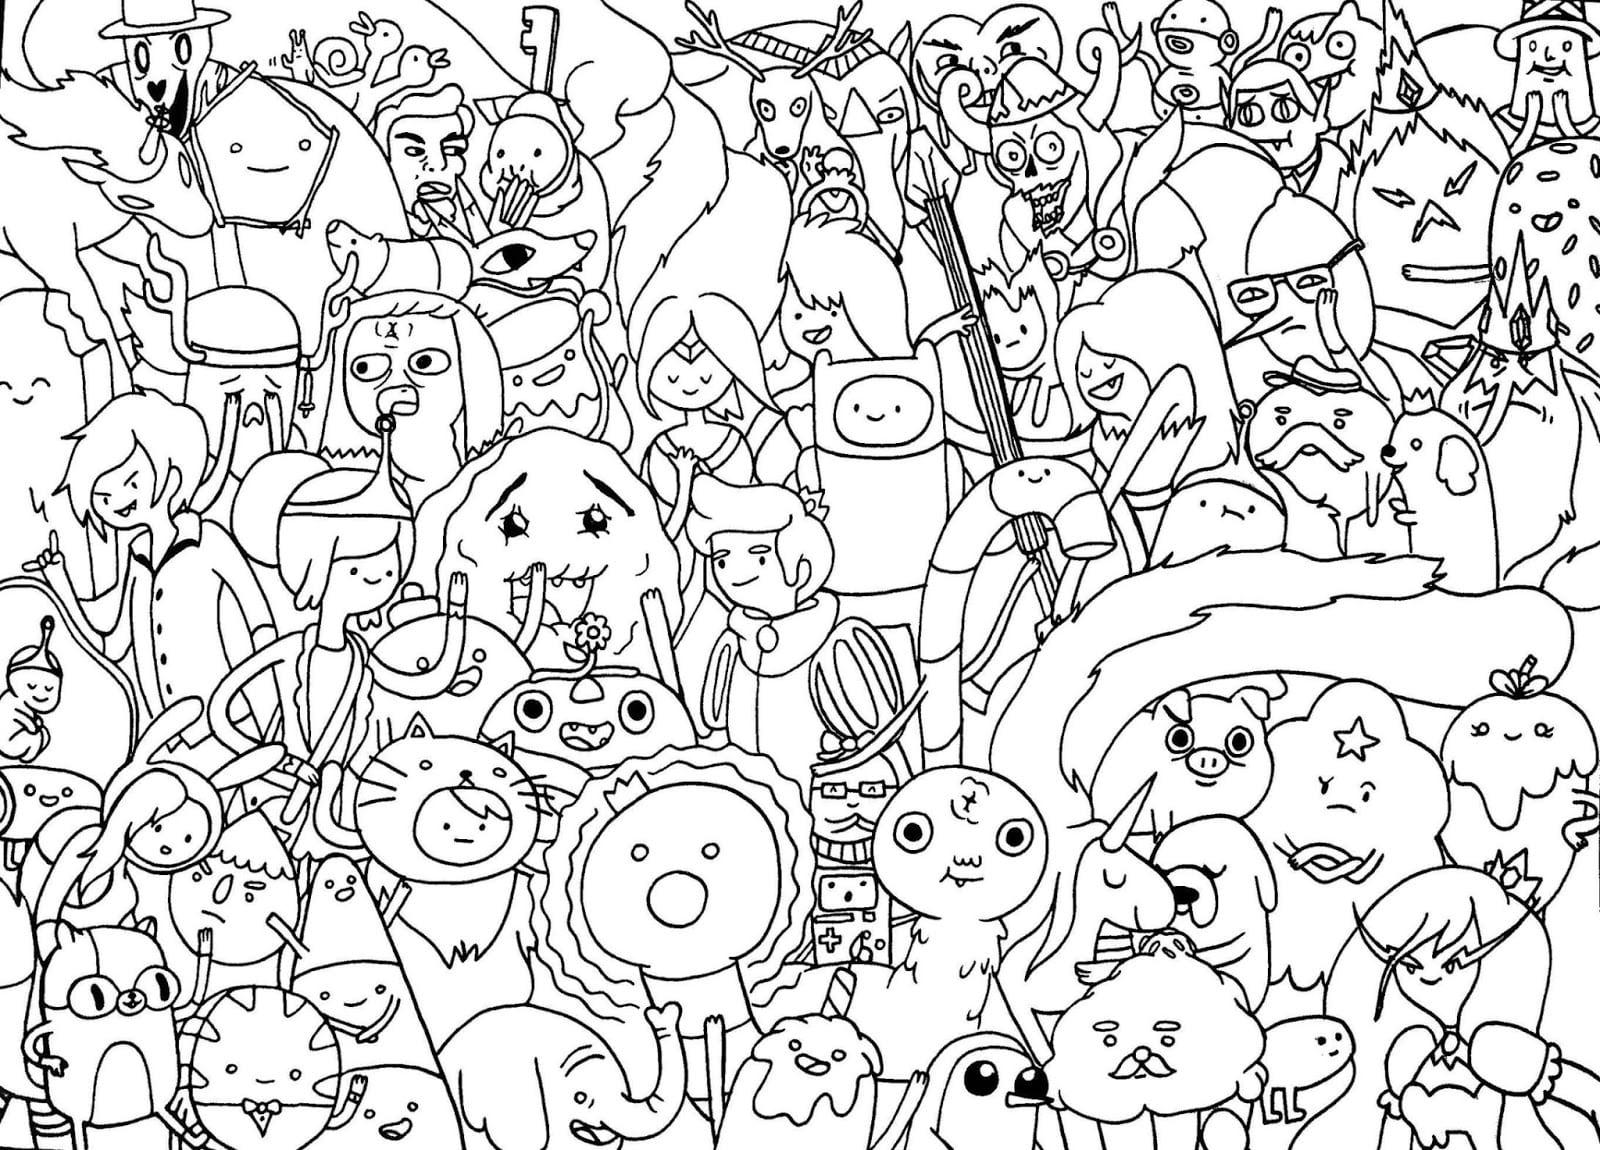 Desenhos Do Hora De Aventura Para Imprimir Colorir No Click Jogos